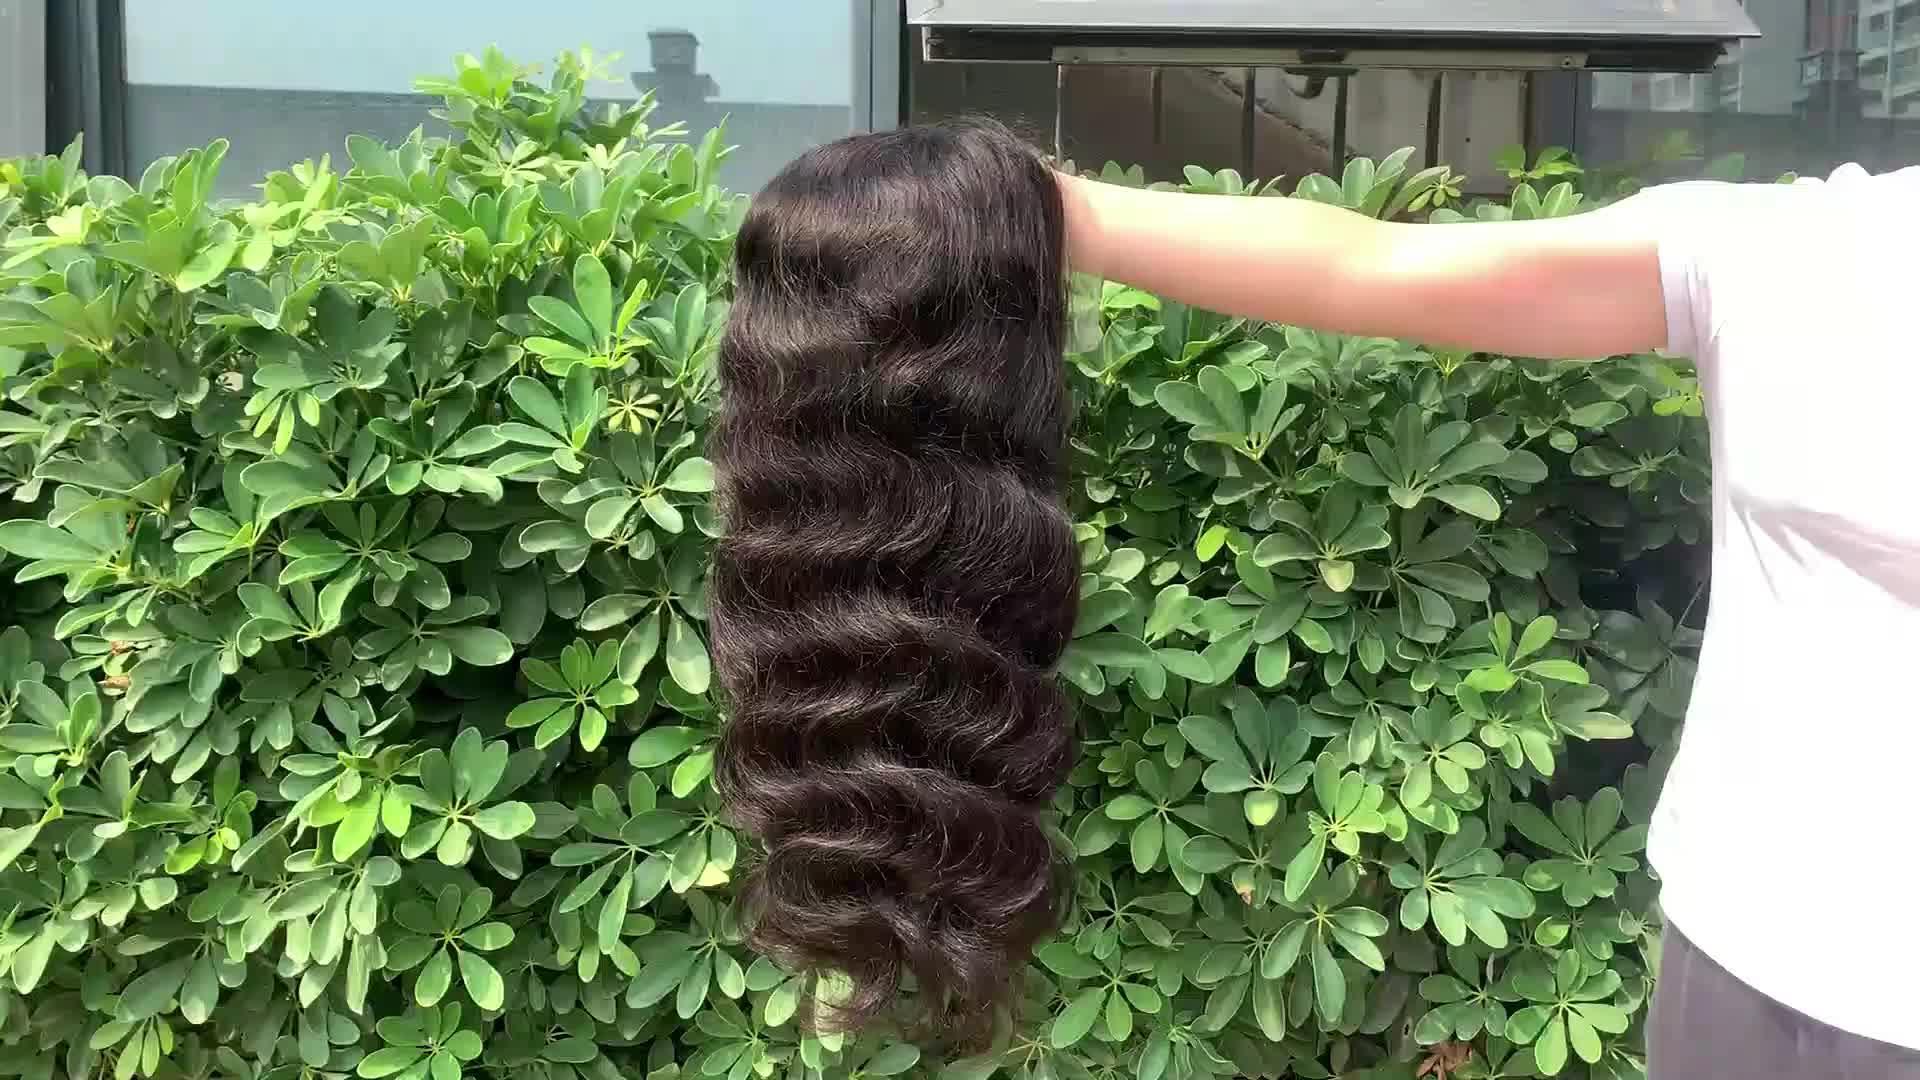 Pas cher perruques de cheveux humains pour les femmes noires, hd avant de lacet perruque de cheveux humains, recherche 100% brésilienne perruques de cheveux humains